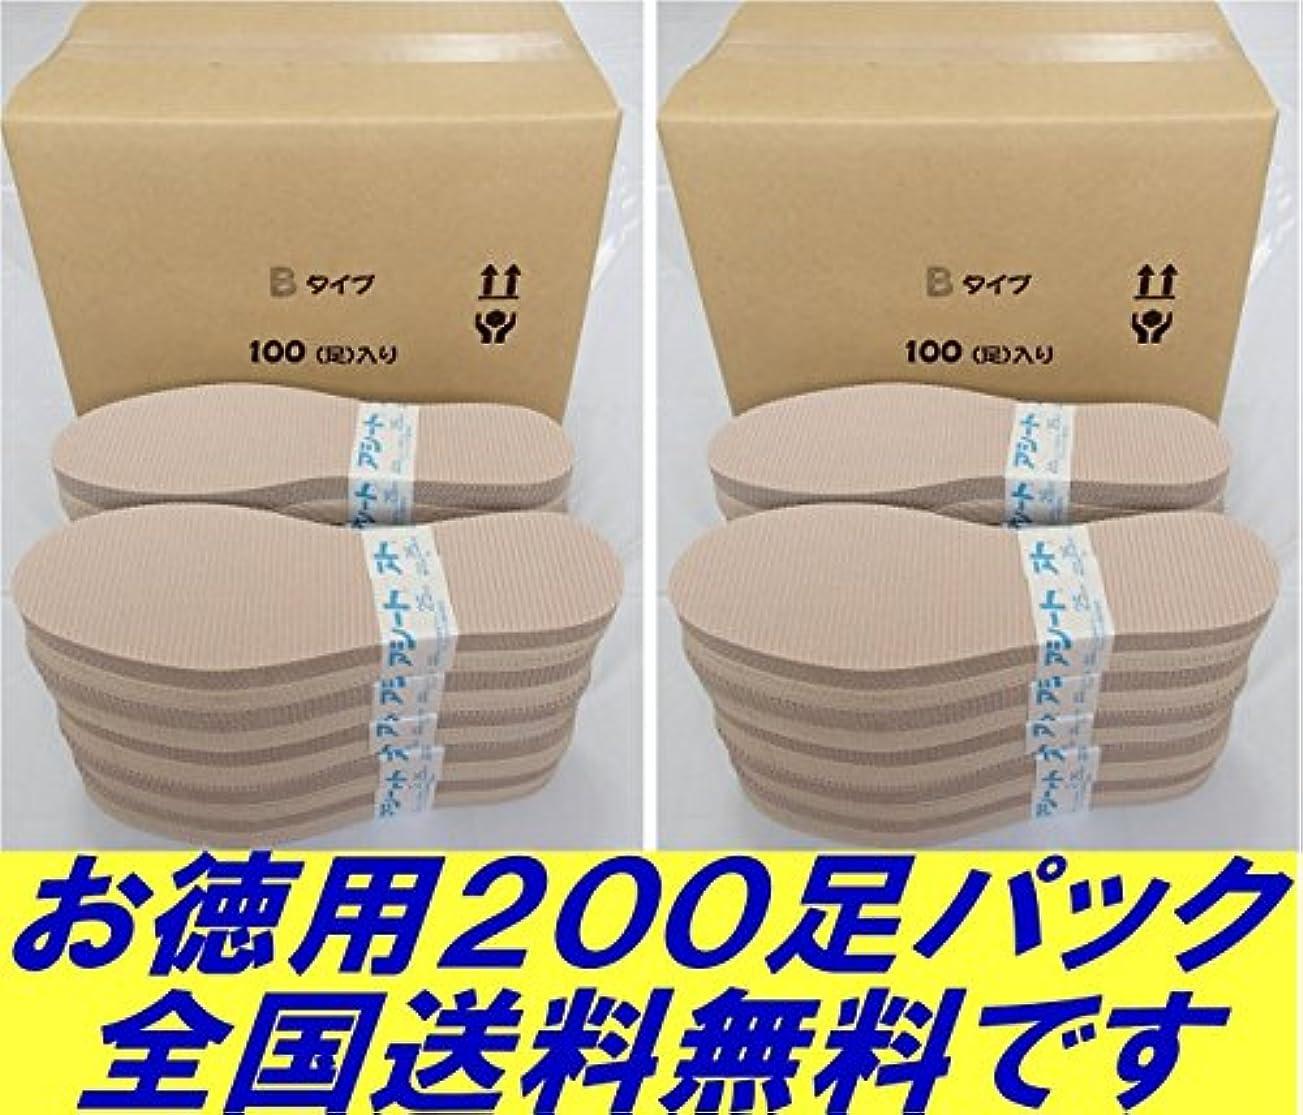 保存するアマチュアラッシュアシートBタイプお徳用パック200足入り (27.5~28.0cm)